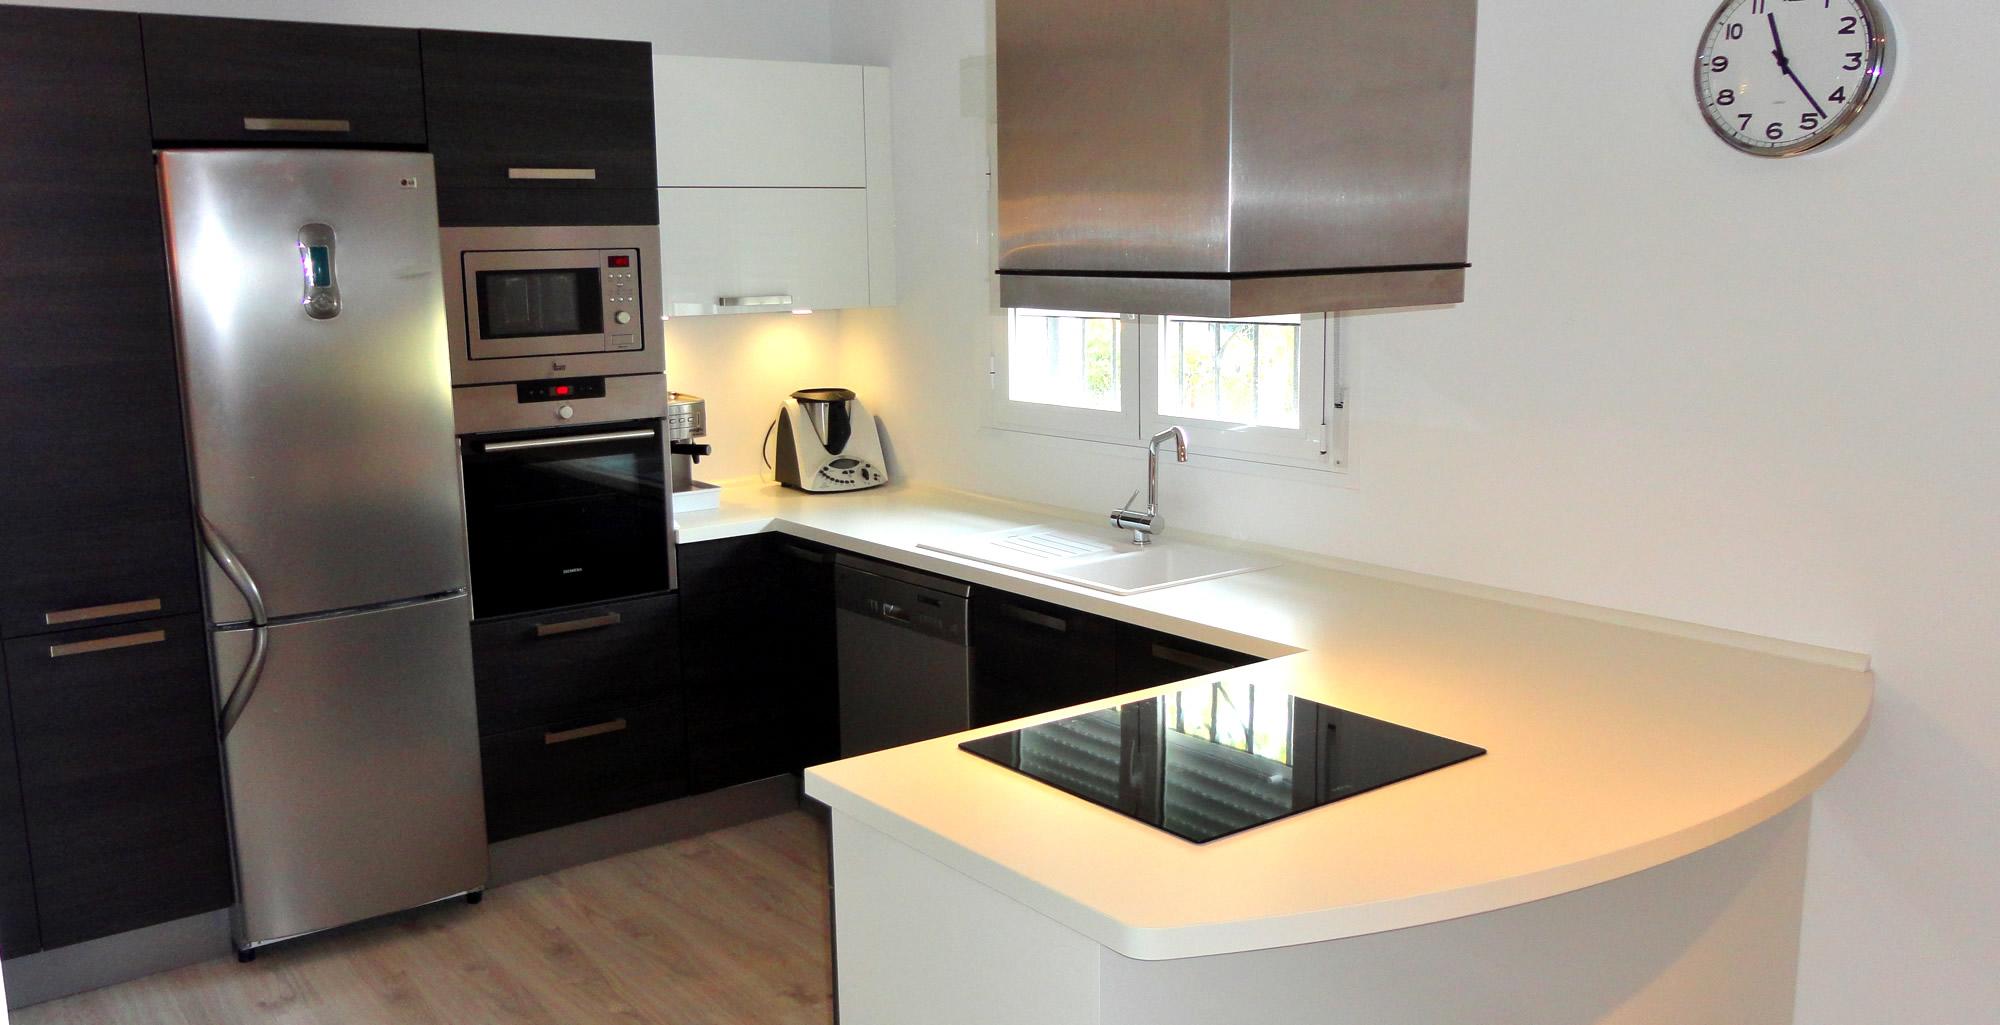 Muebles de cocina en madera con dise o actual for Diseno de muebles para cocina